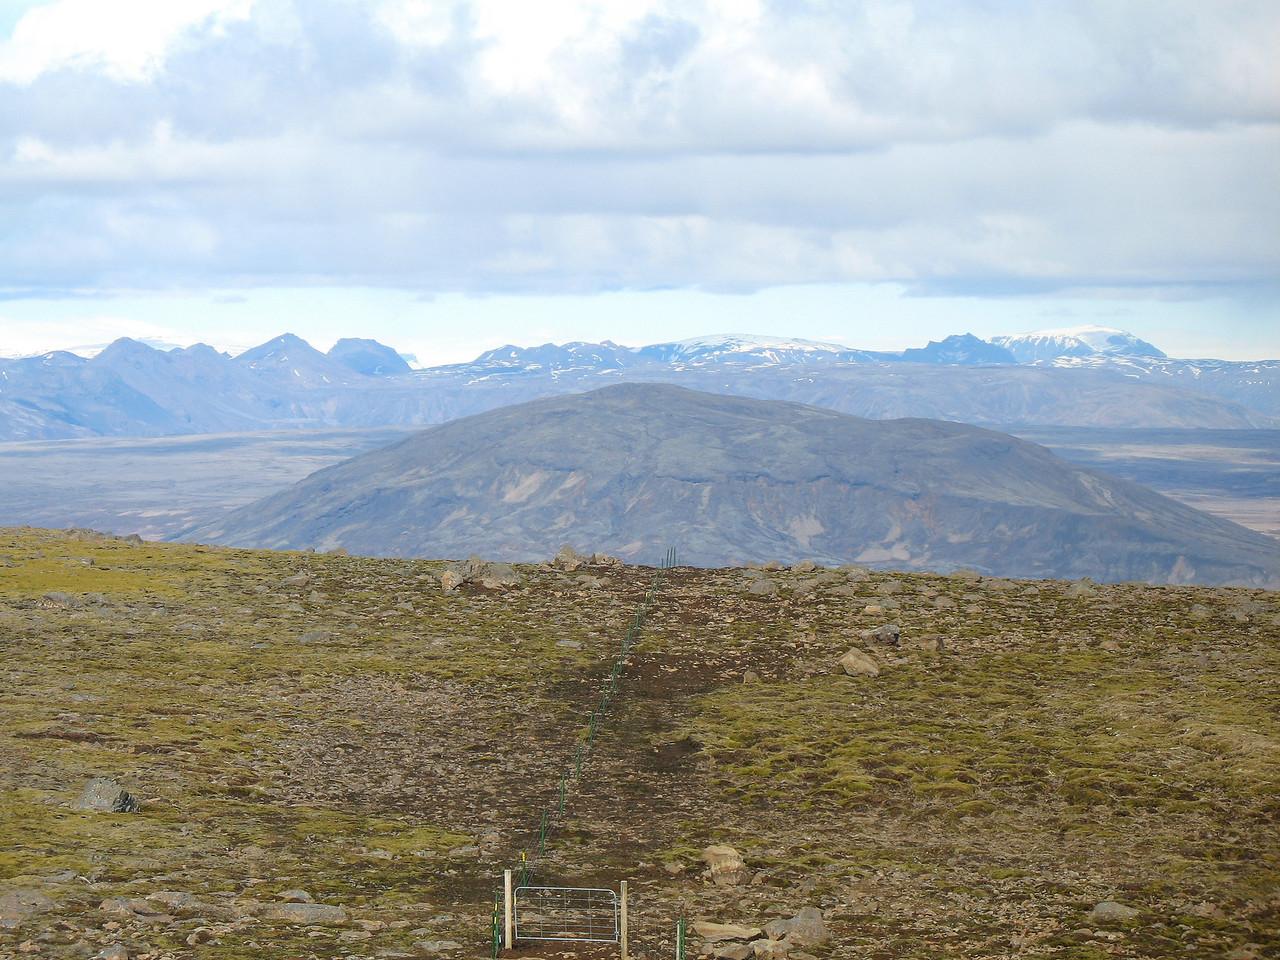 Kálfstindar, Skriða og Hlöðufell, Búrfell nær.